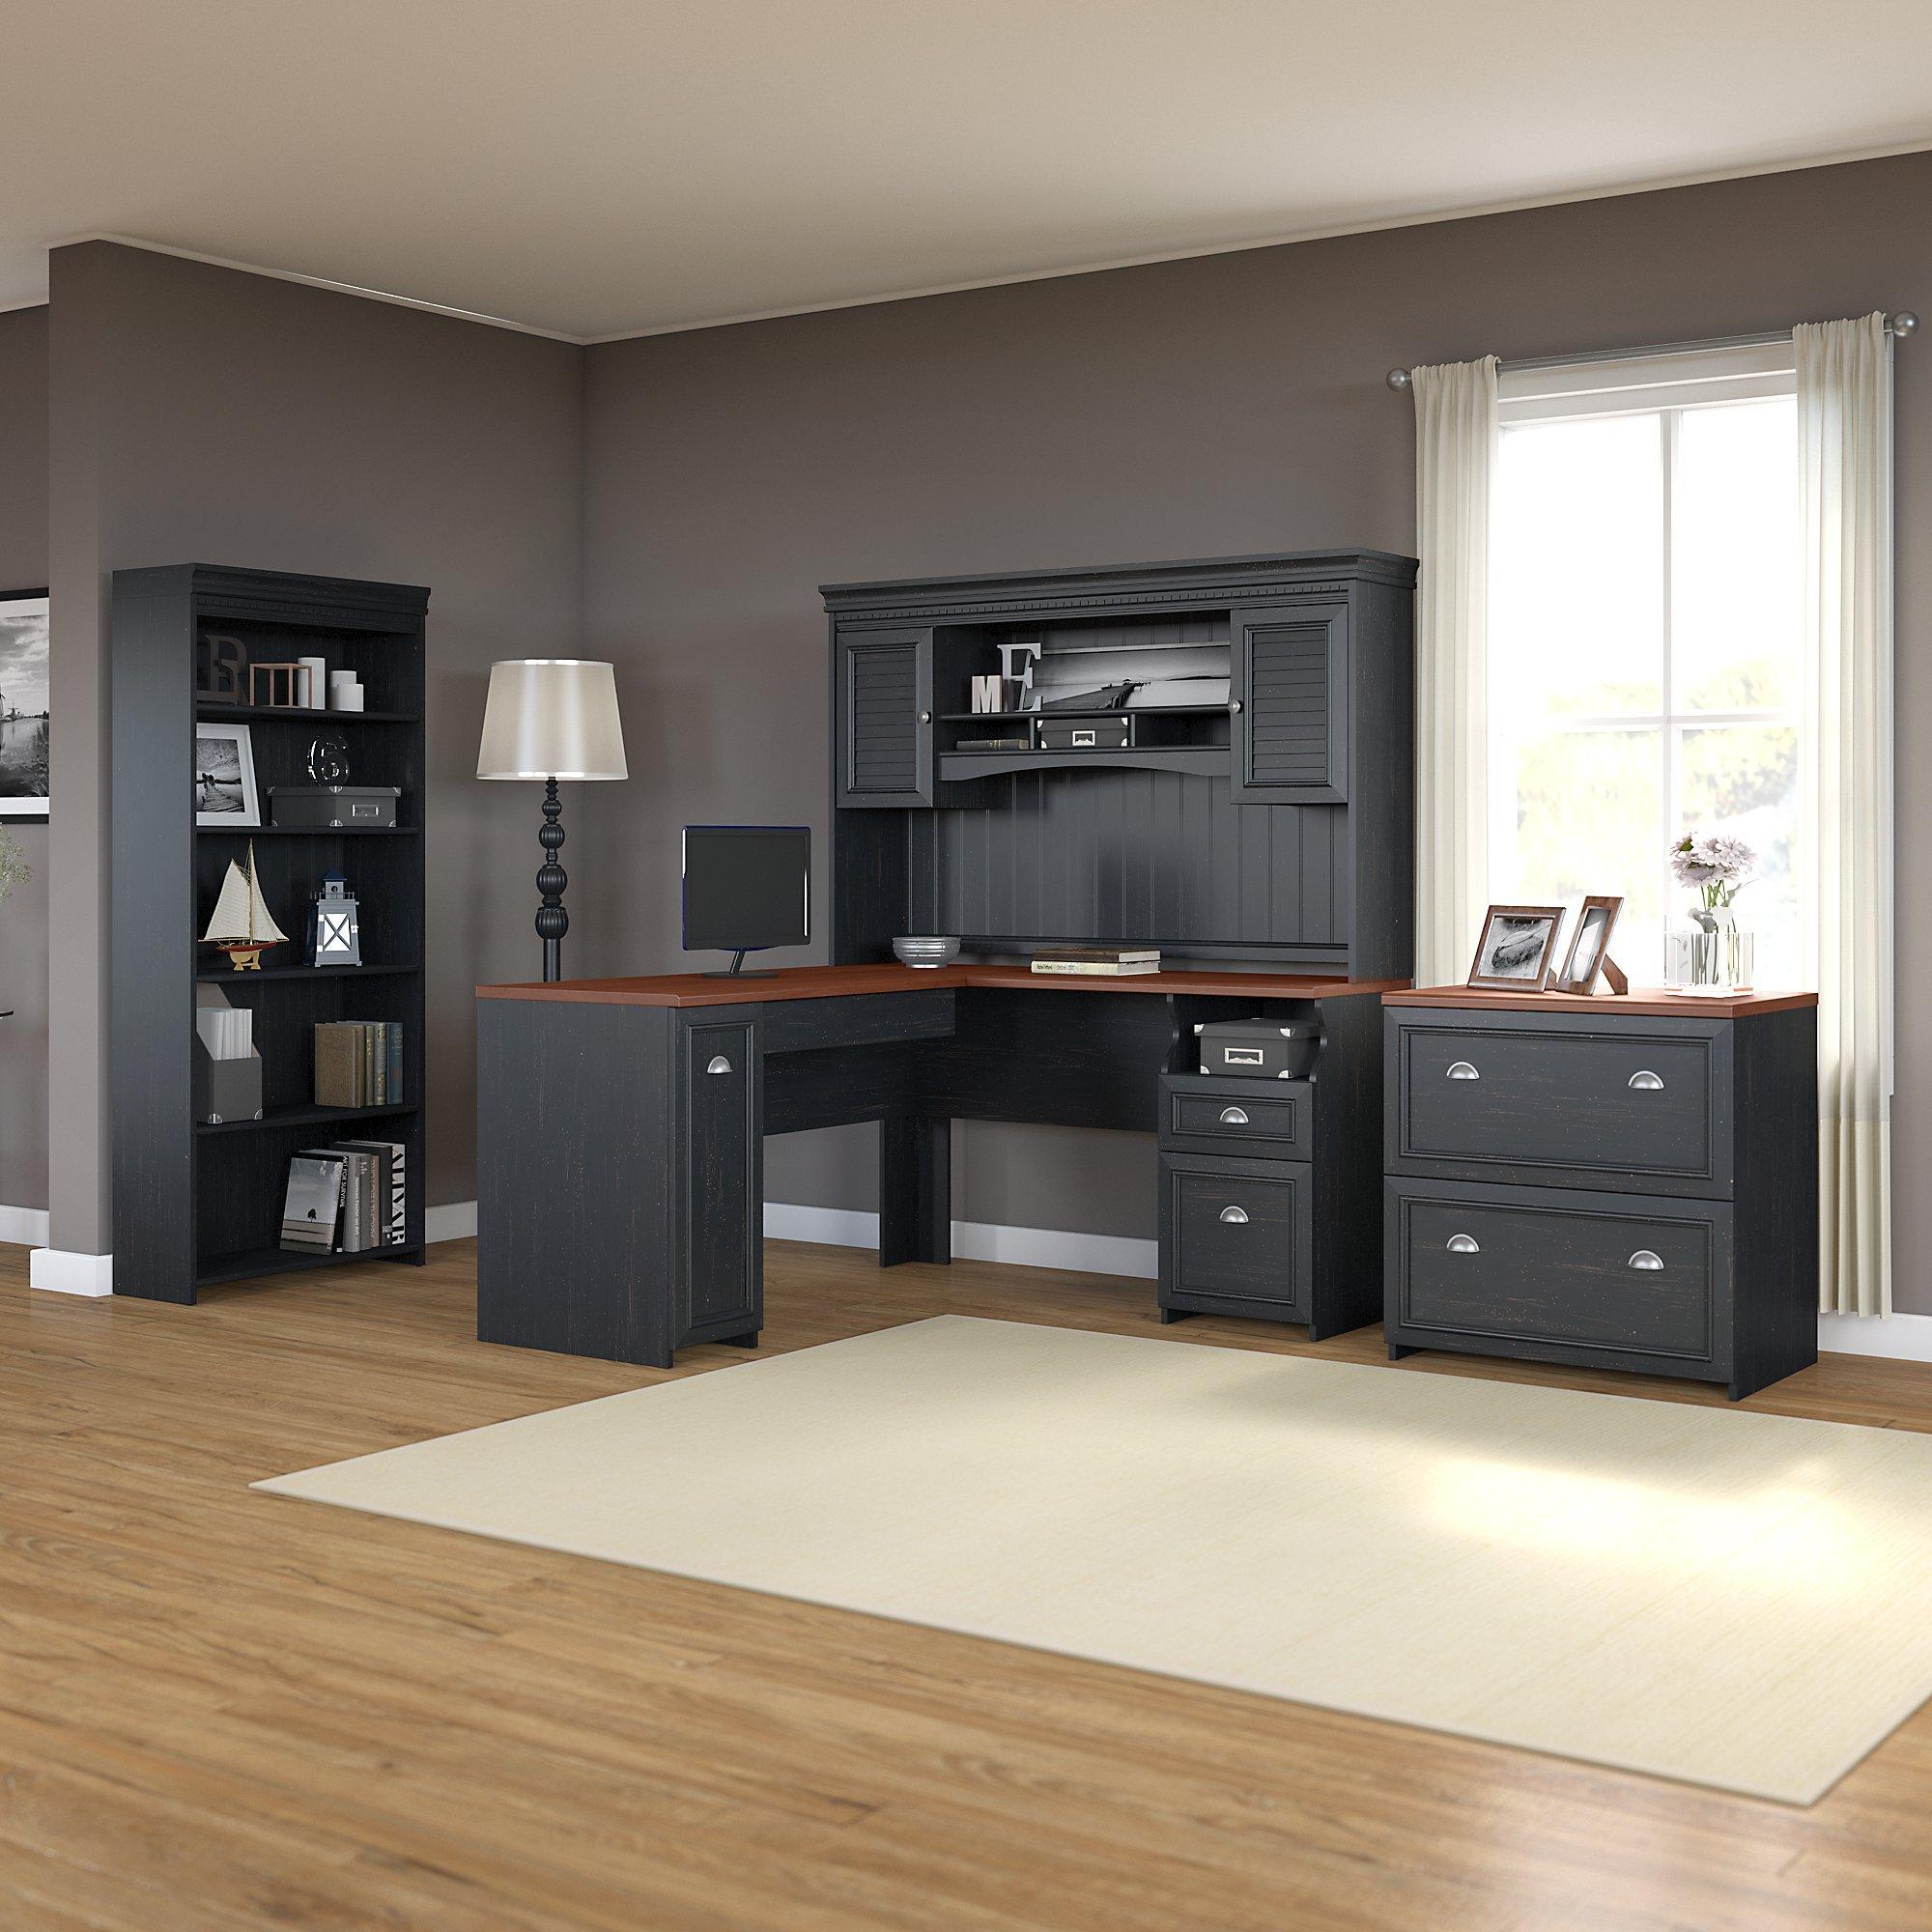 Amazon Com Bush Furniture Fairview L Shaped Desk With